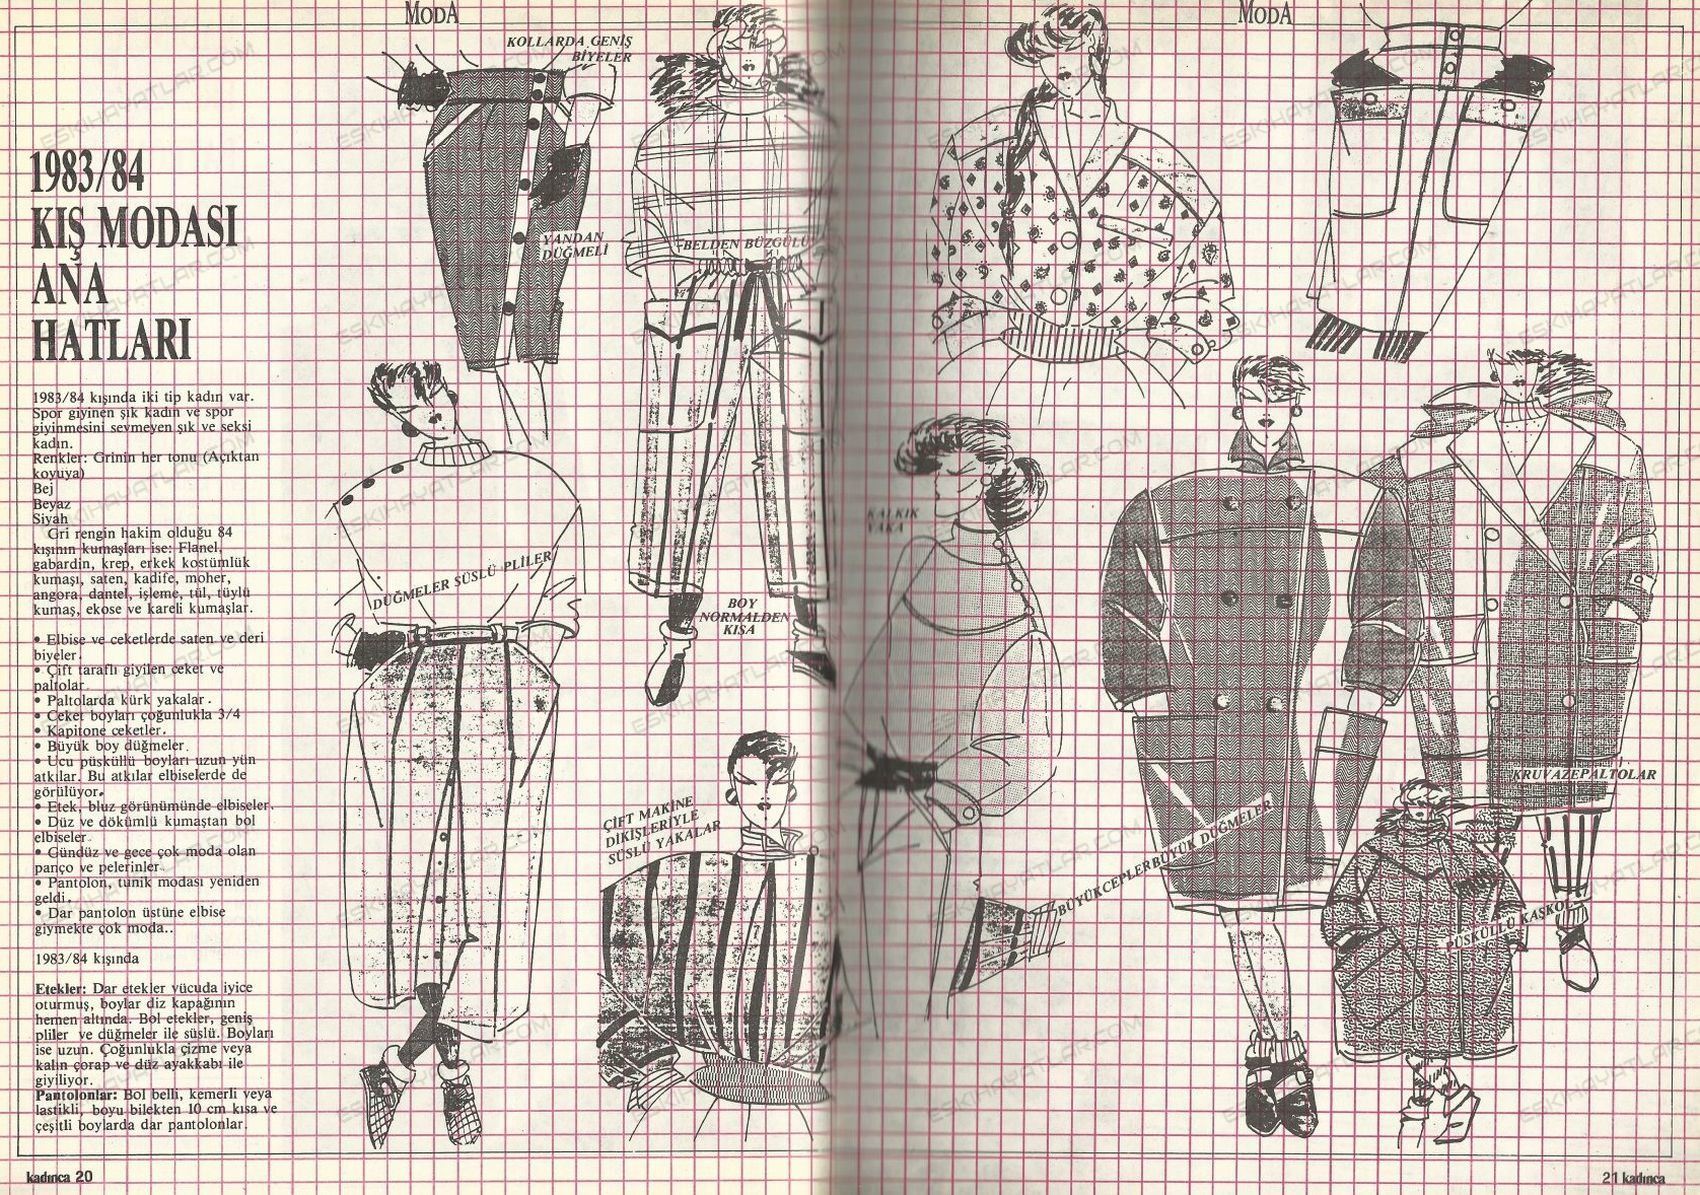 0162-kadinca-dergisi-1983-1984-kis-modasi-kadin-giyim-ana-hatlari